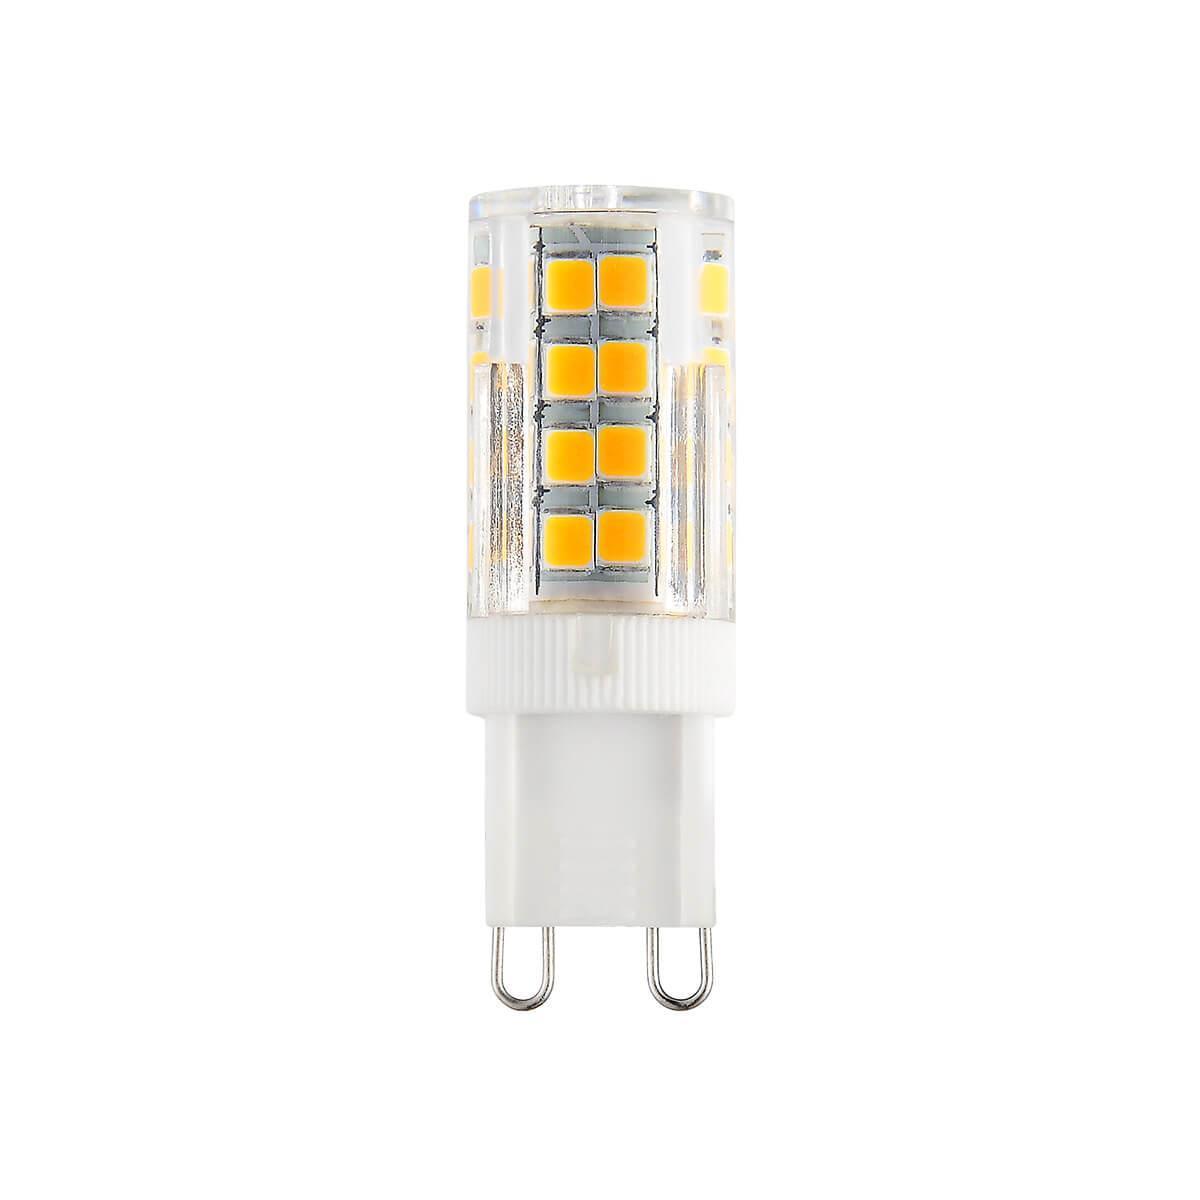 Лампа светодиодная G9 7W 3300K прозрачная 4690389112980 elektrostandard лампа светодиодная e14 7w 3300k шар матовый mini 4690389061622